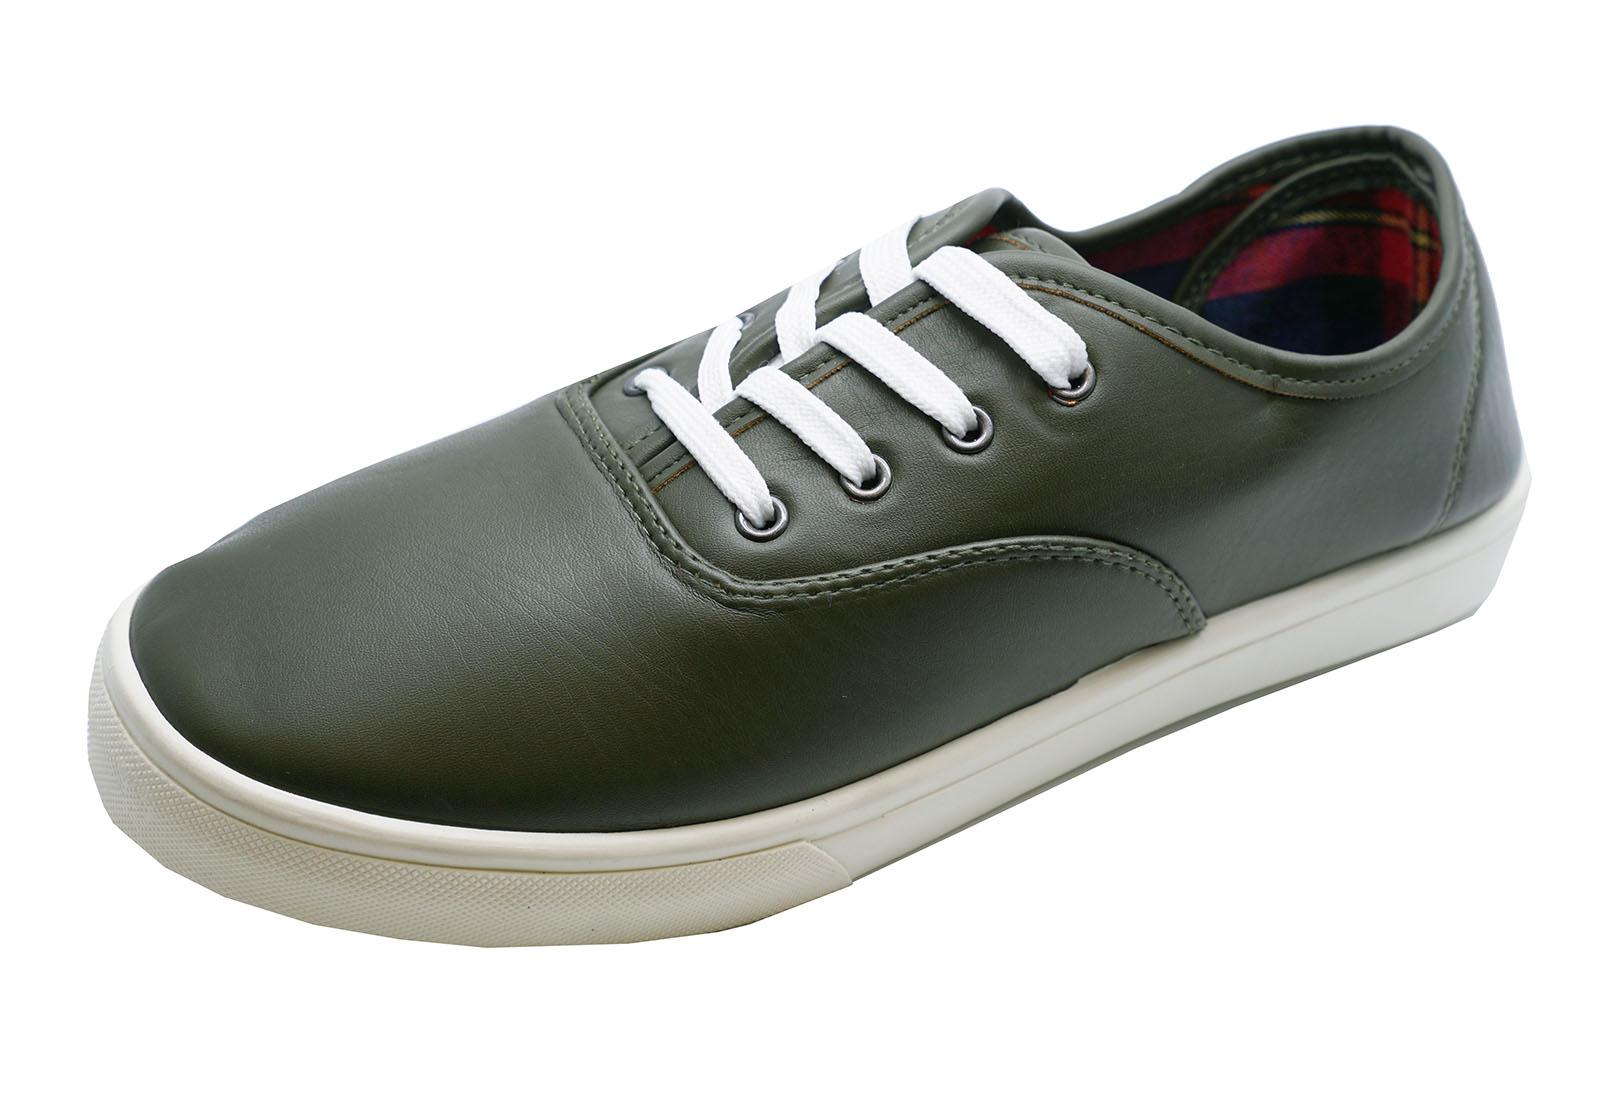 Hombre-Caqui-Planos-Casual-Con-Cordones-Zapatillas-Deportivas-Zapatos-Comodos-GB